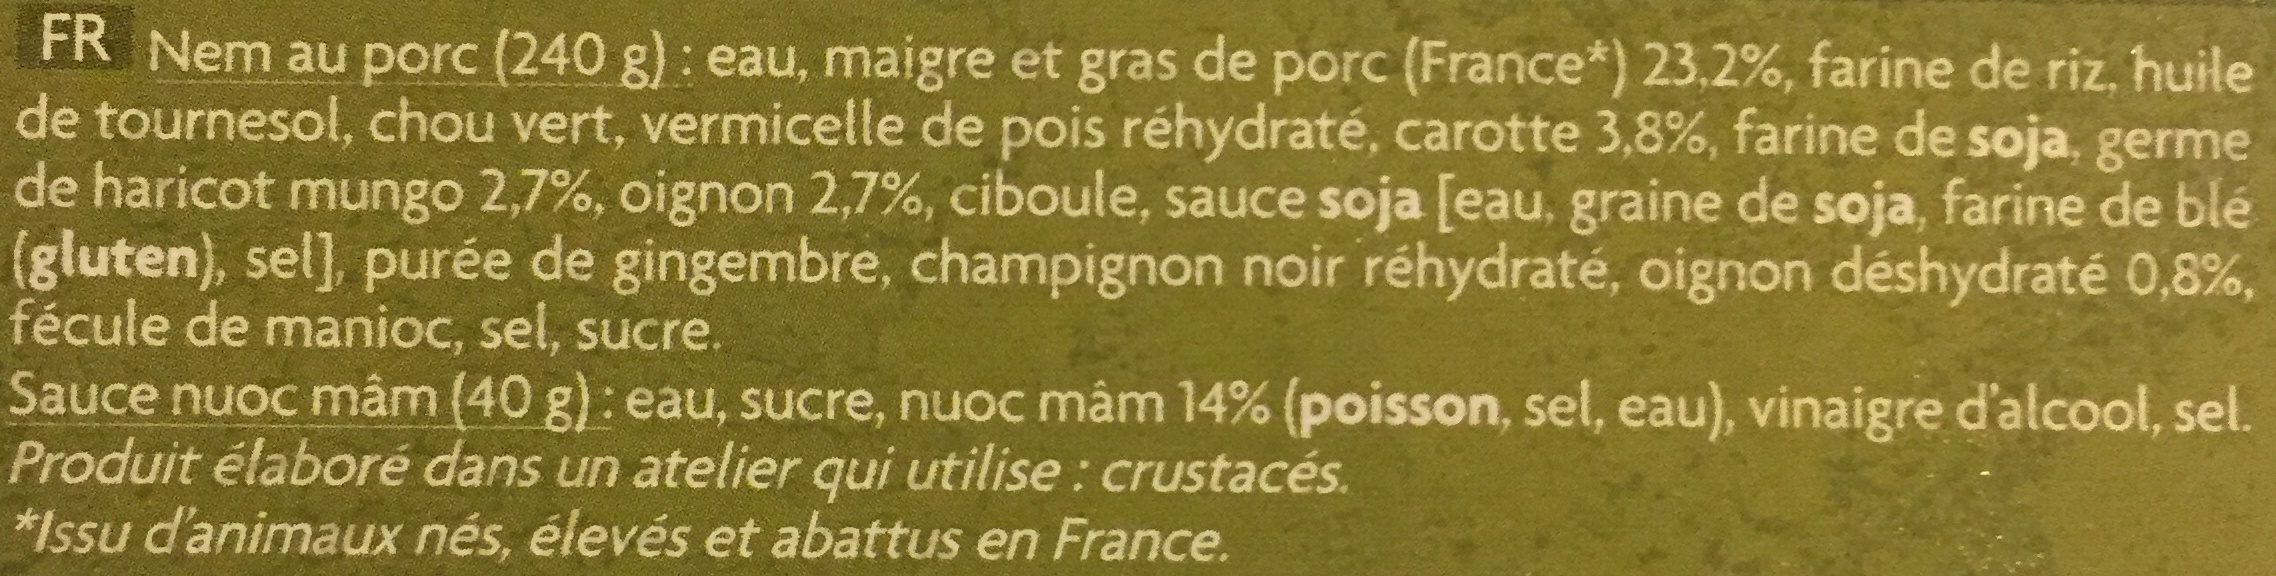 Nems au Porc - Ingrédients